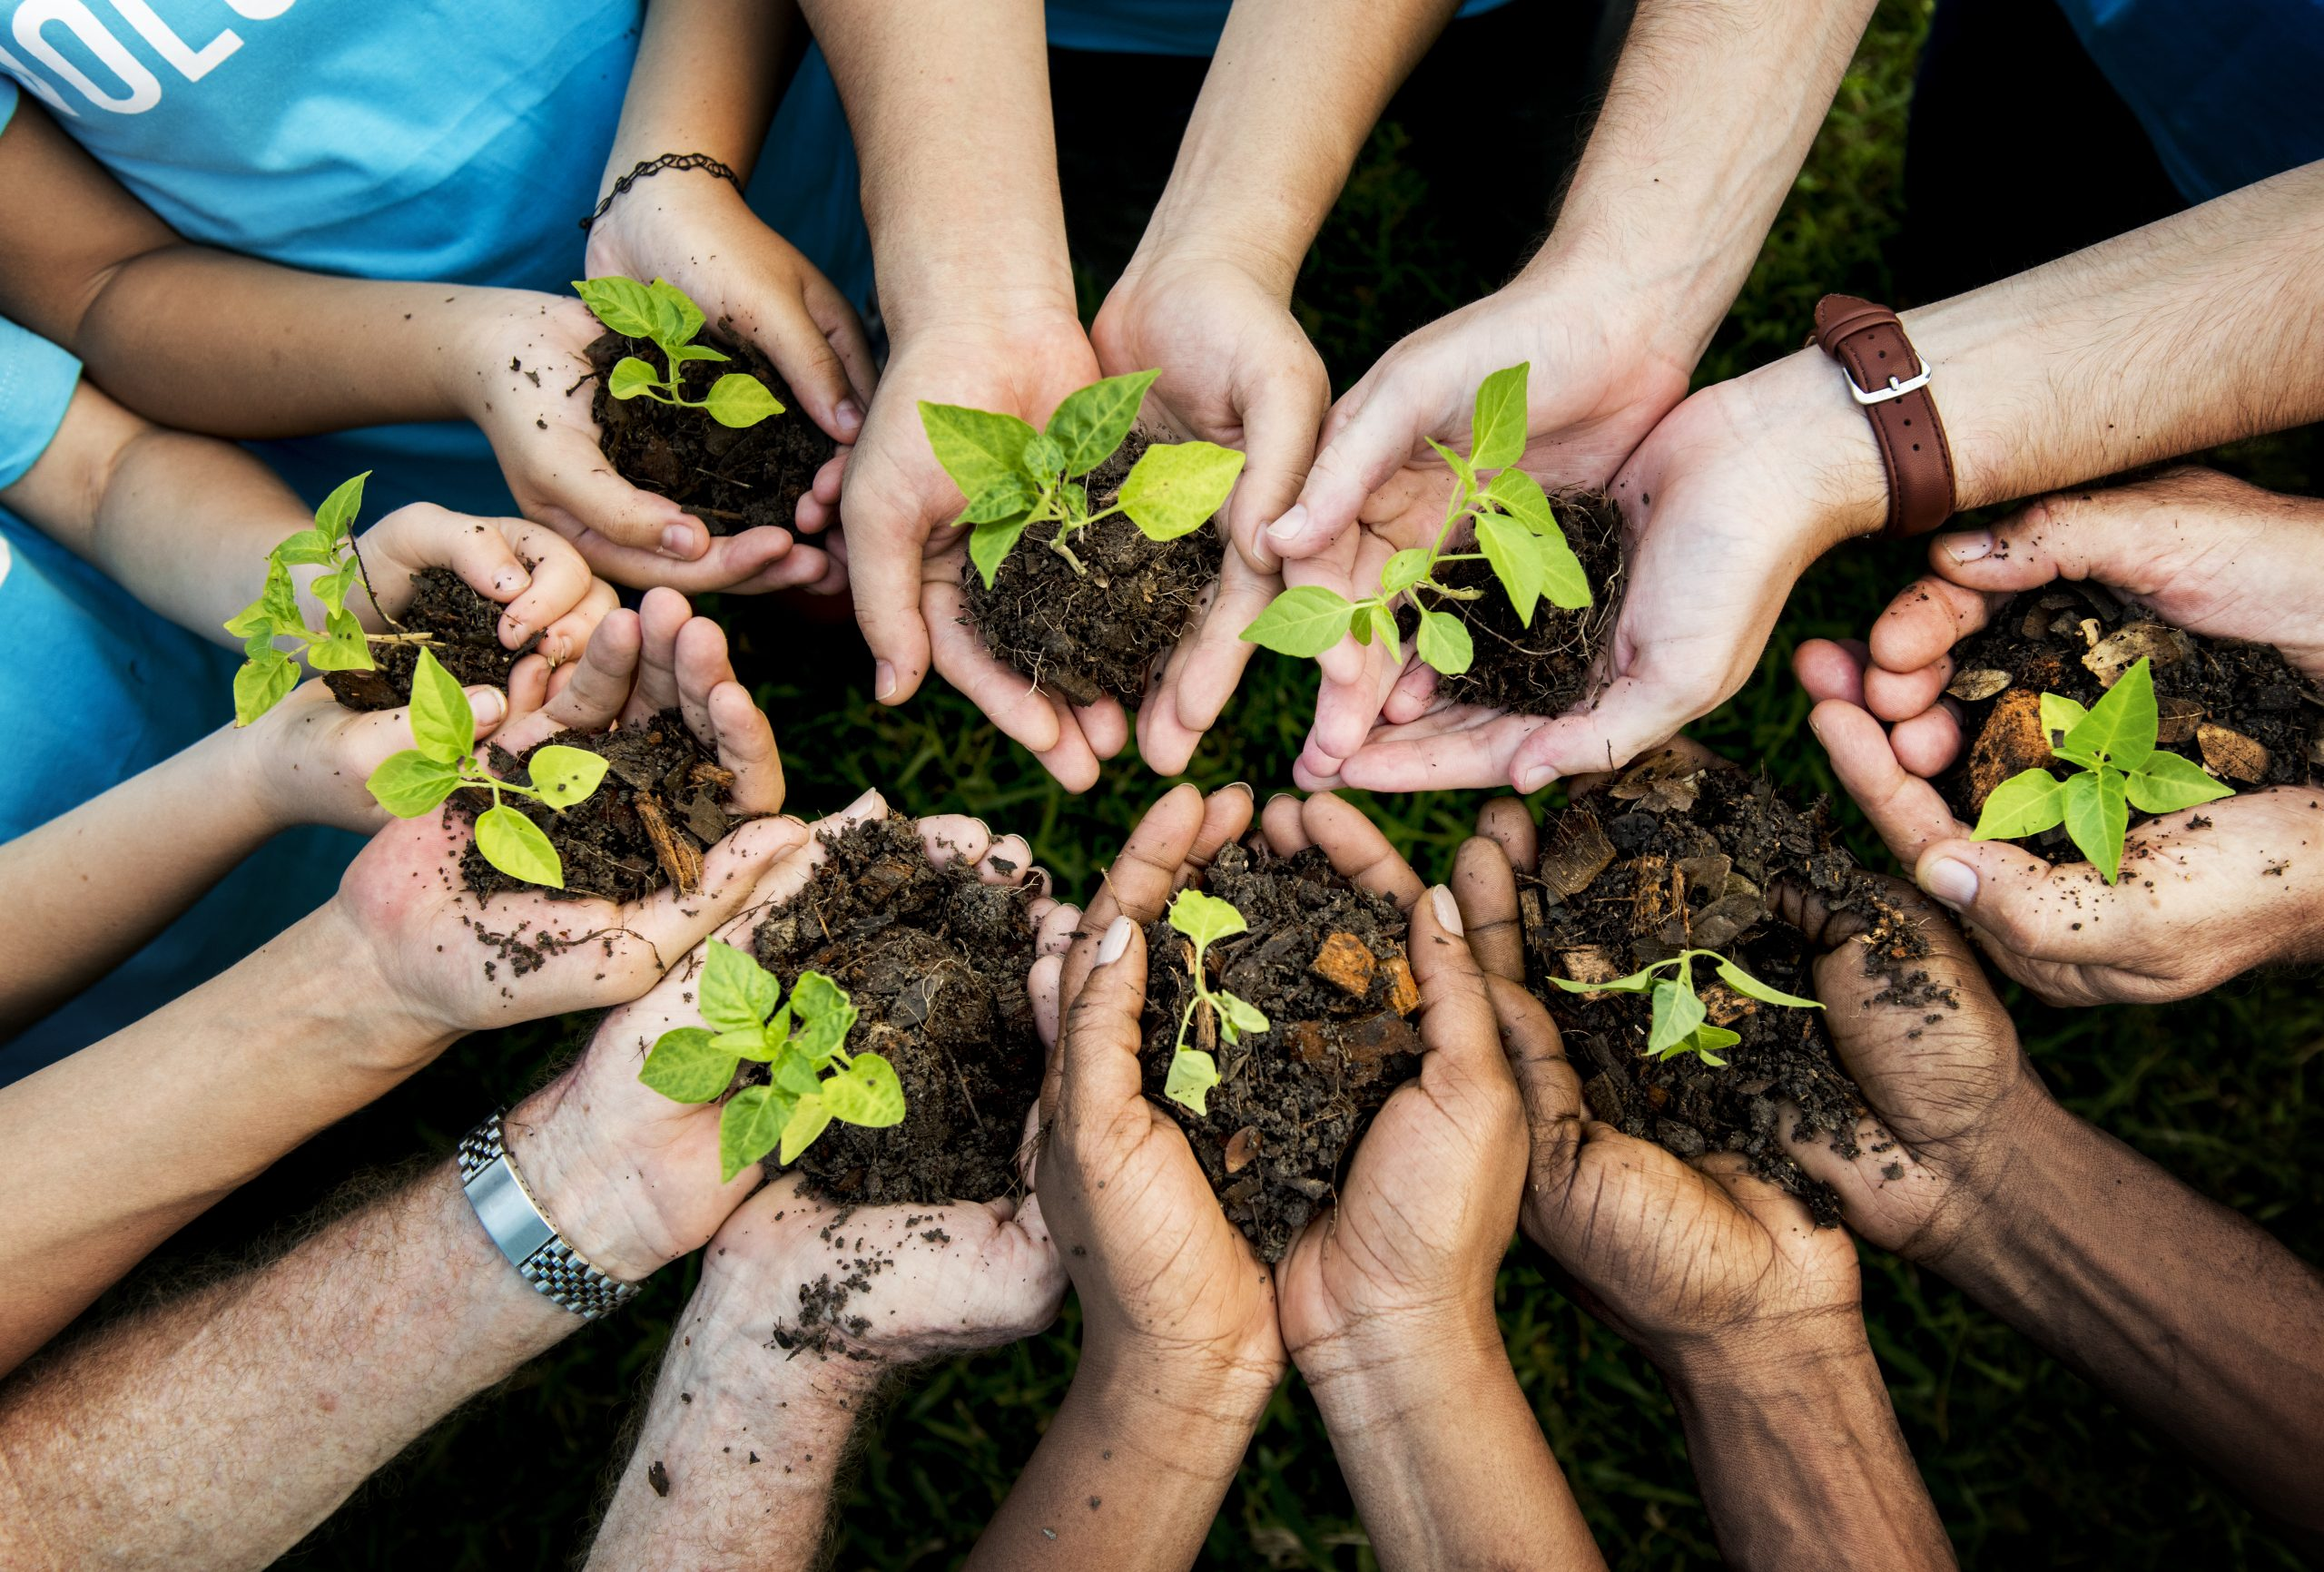 Gasmar patrocina programa para capacitar a profesores locales en la promoción de conductas ambientalmente sostenibles